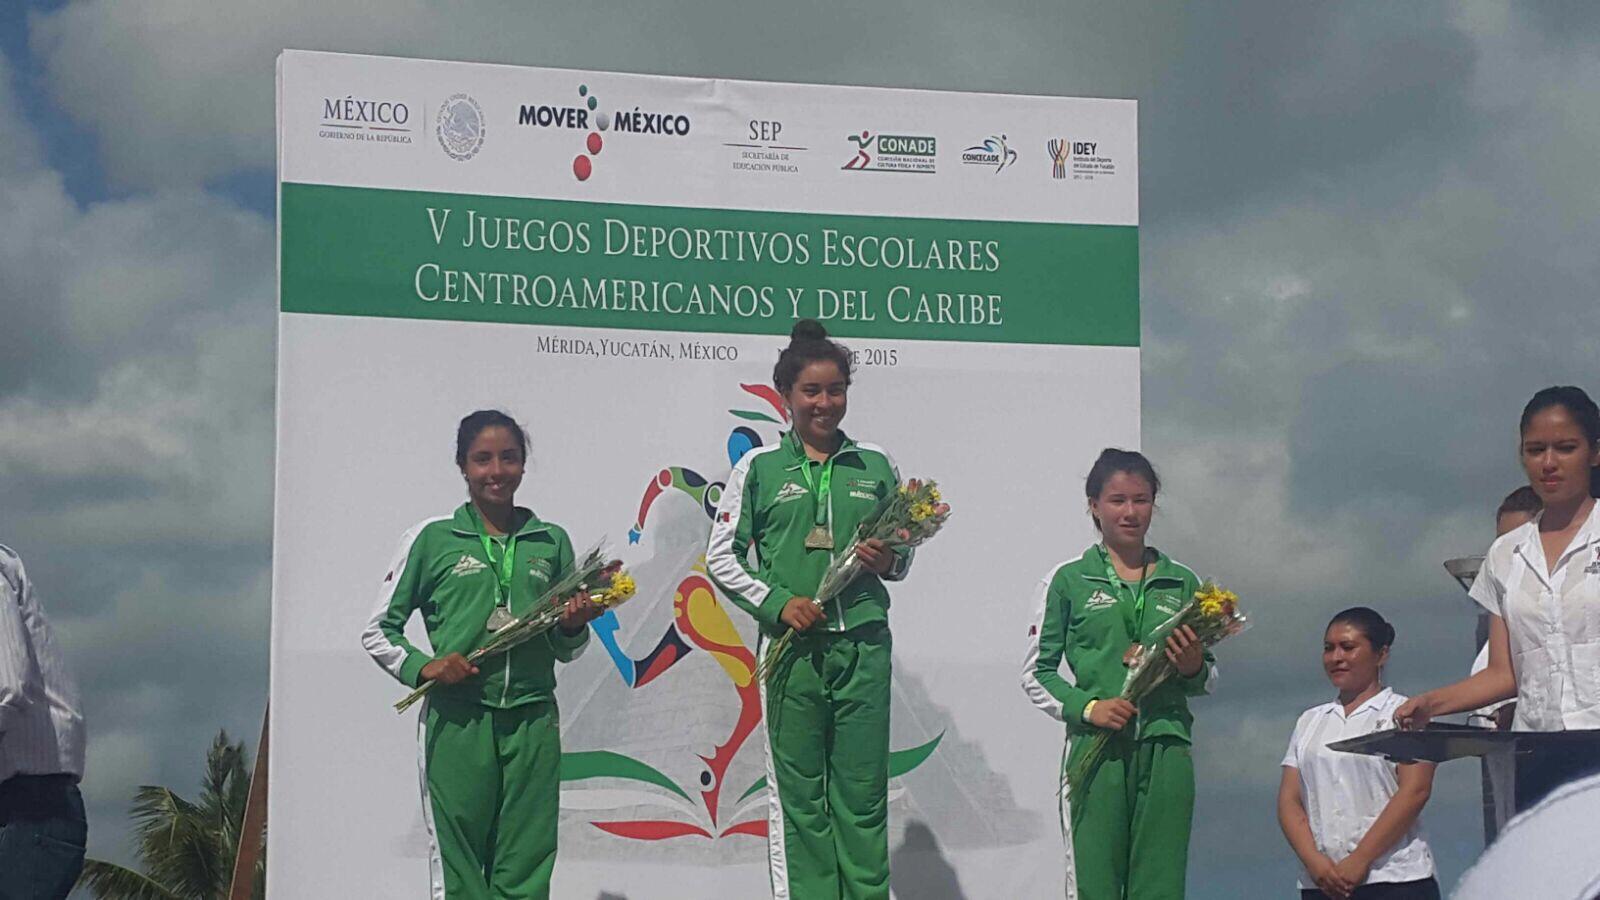 Triunfan Triatletas queretanas en los Juegos Deportivos Escolares Centroamericanos y del Caribe 2015